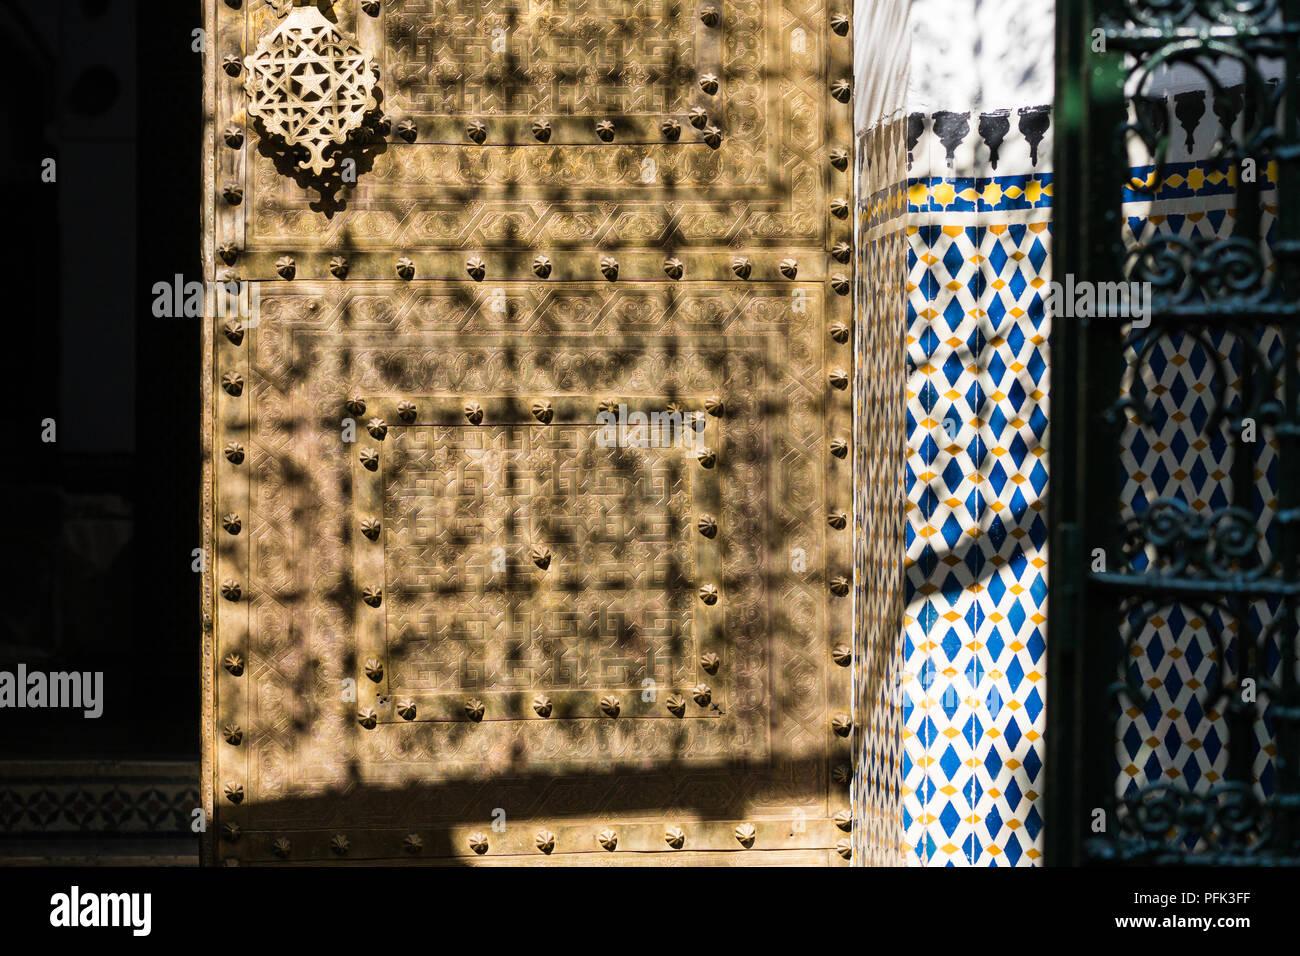 Zellige mosaico e lavori di piastrelle tradizionali marocchine